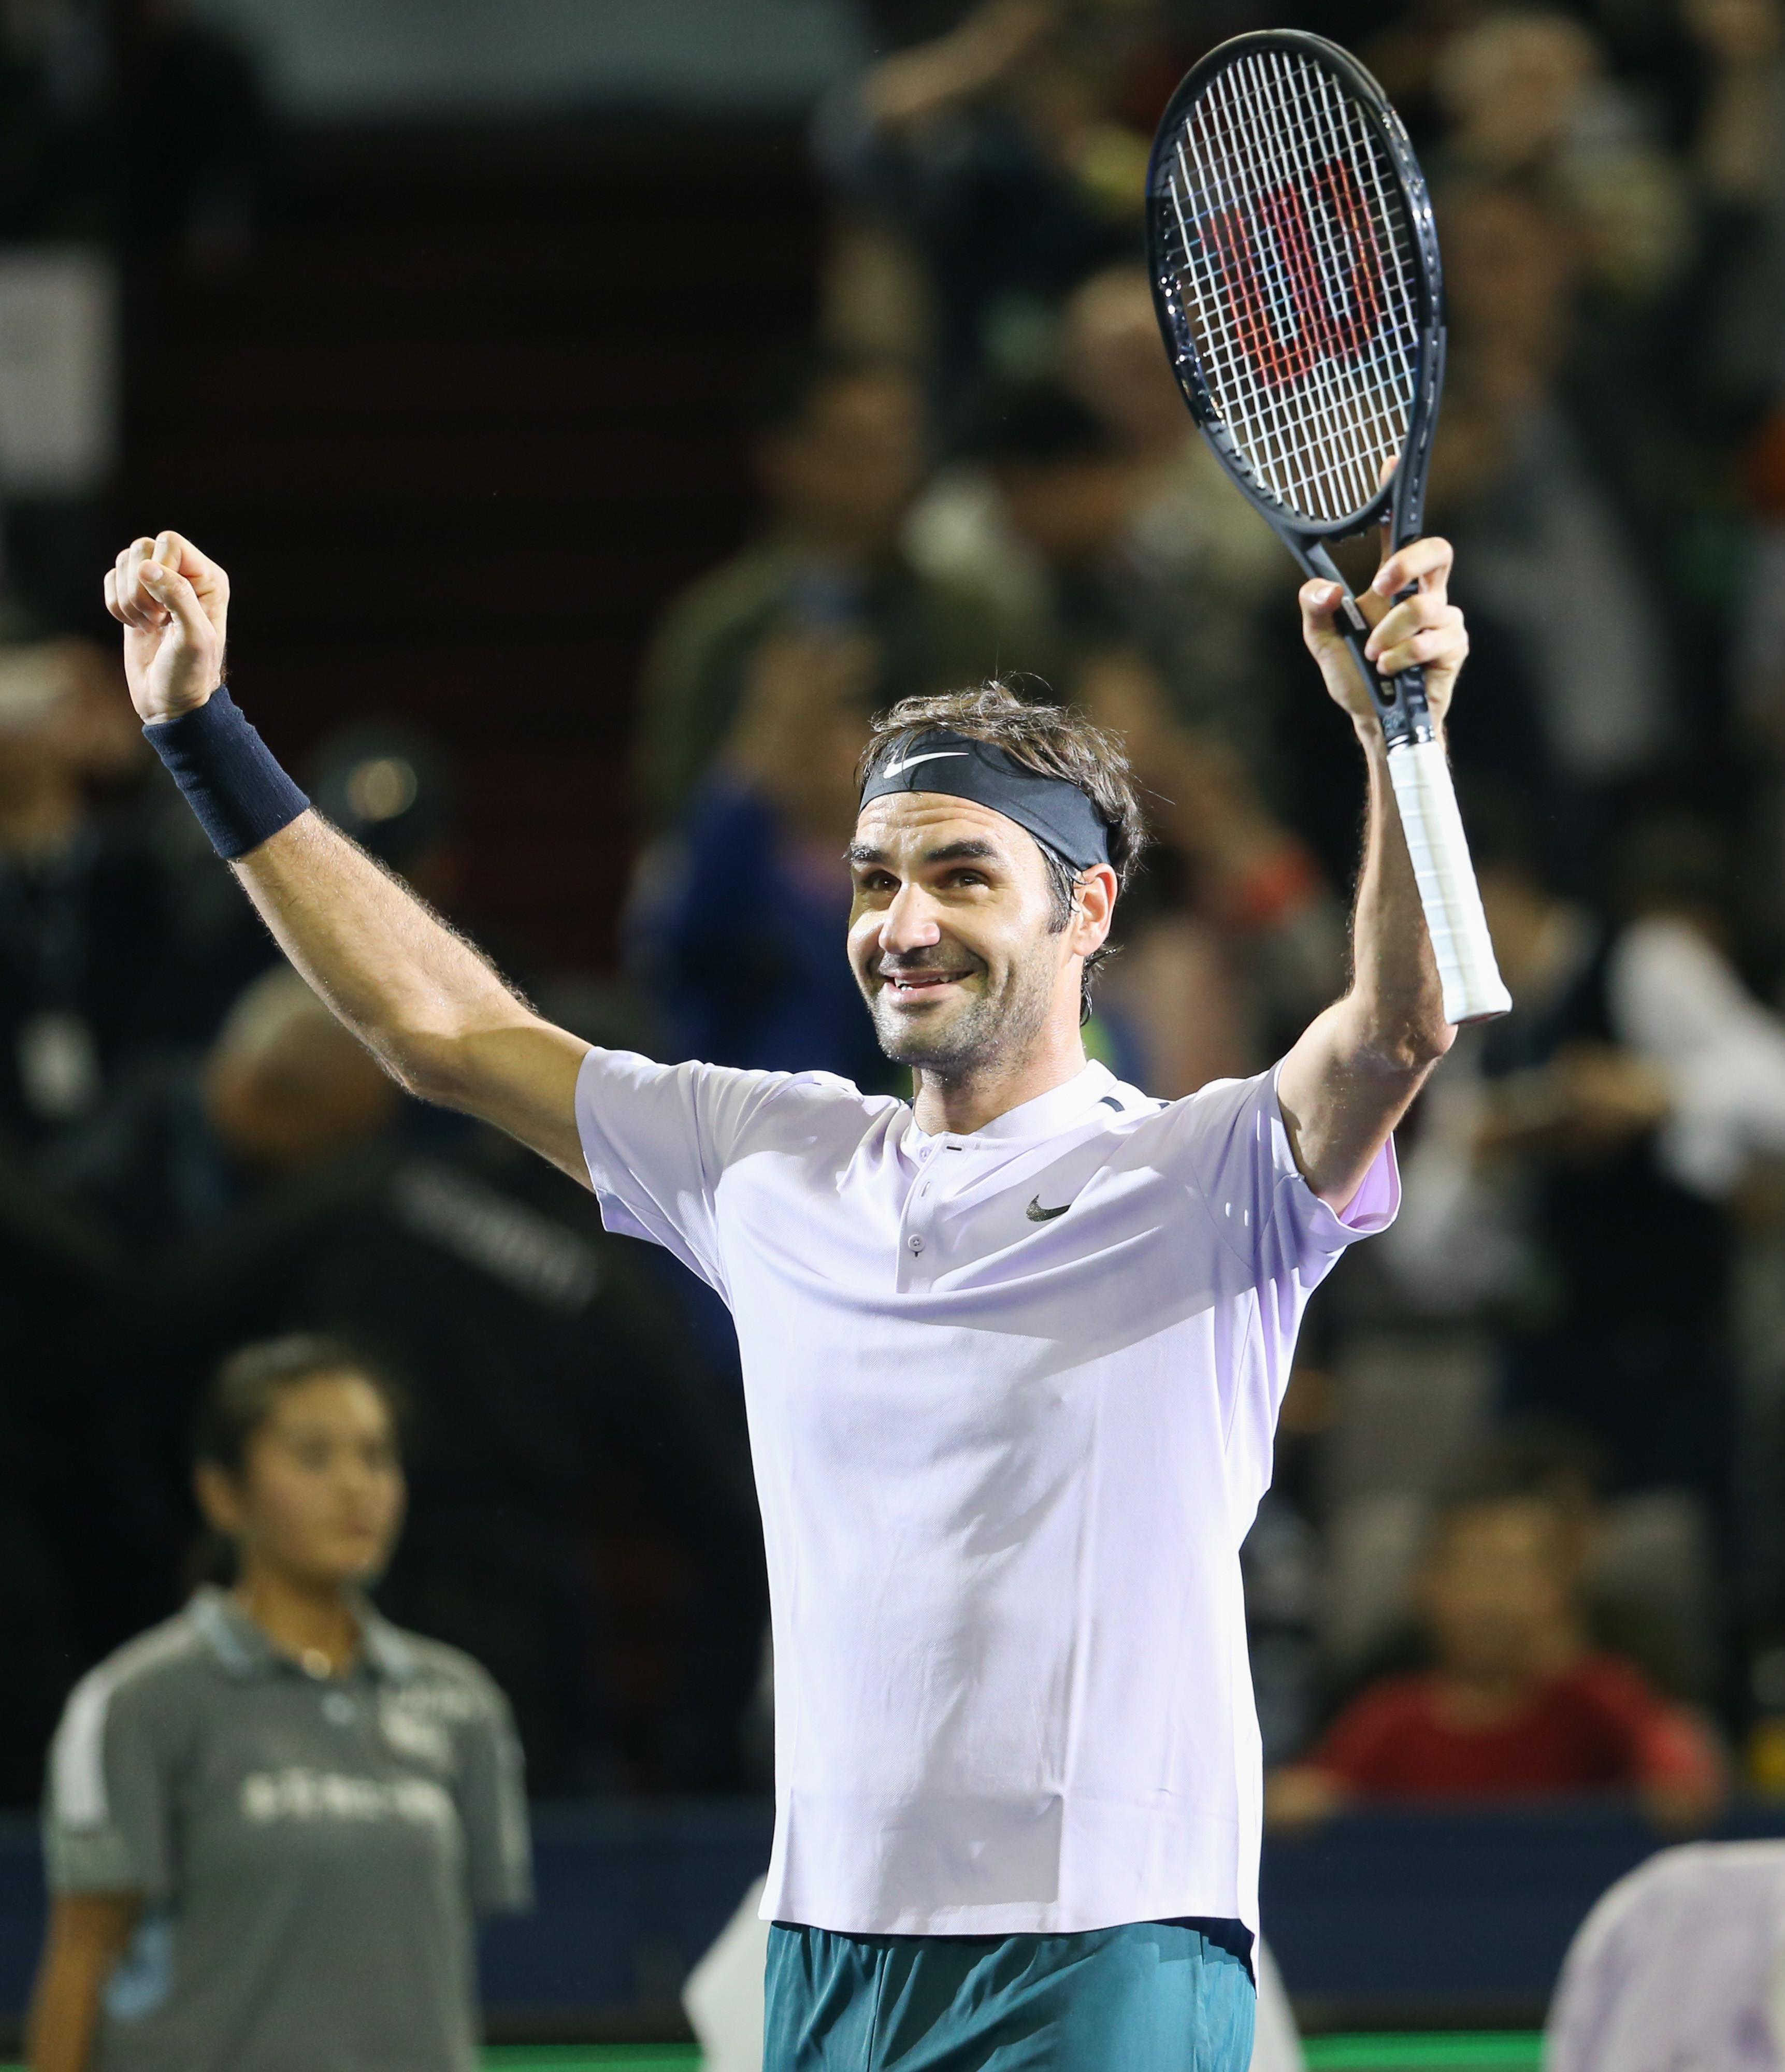 Роджер Федерер признан спортсменом года поверсии Laureus